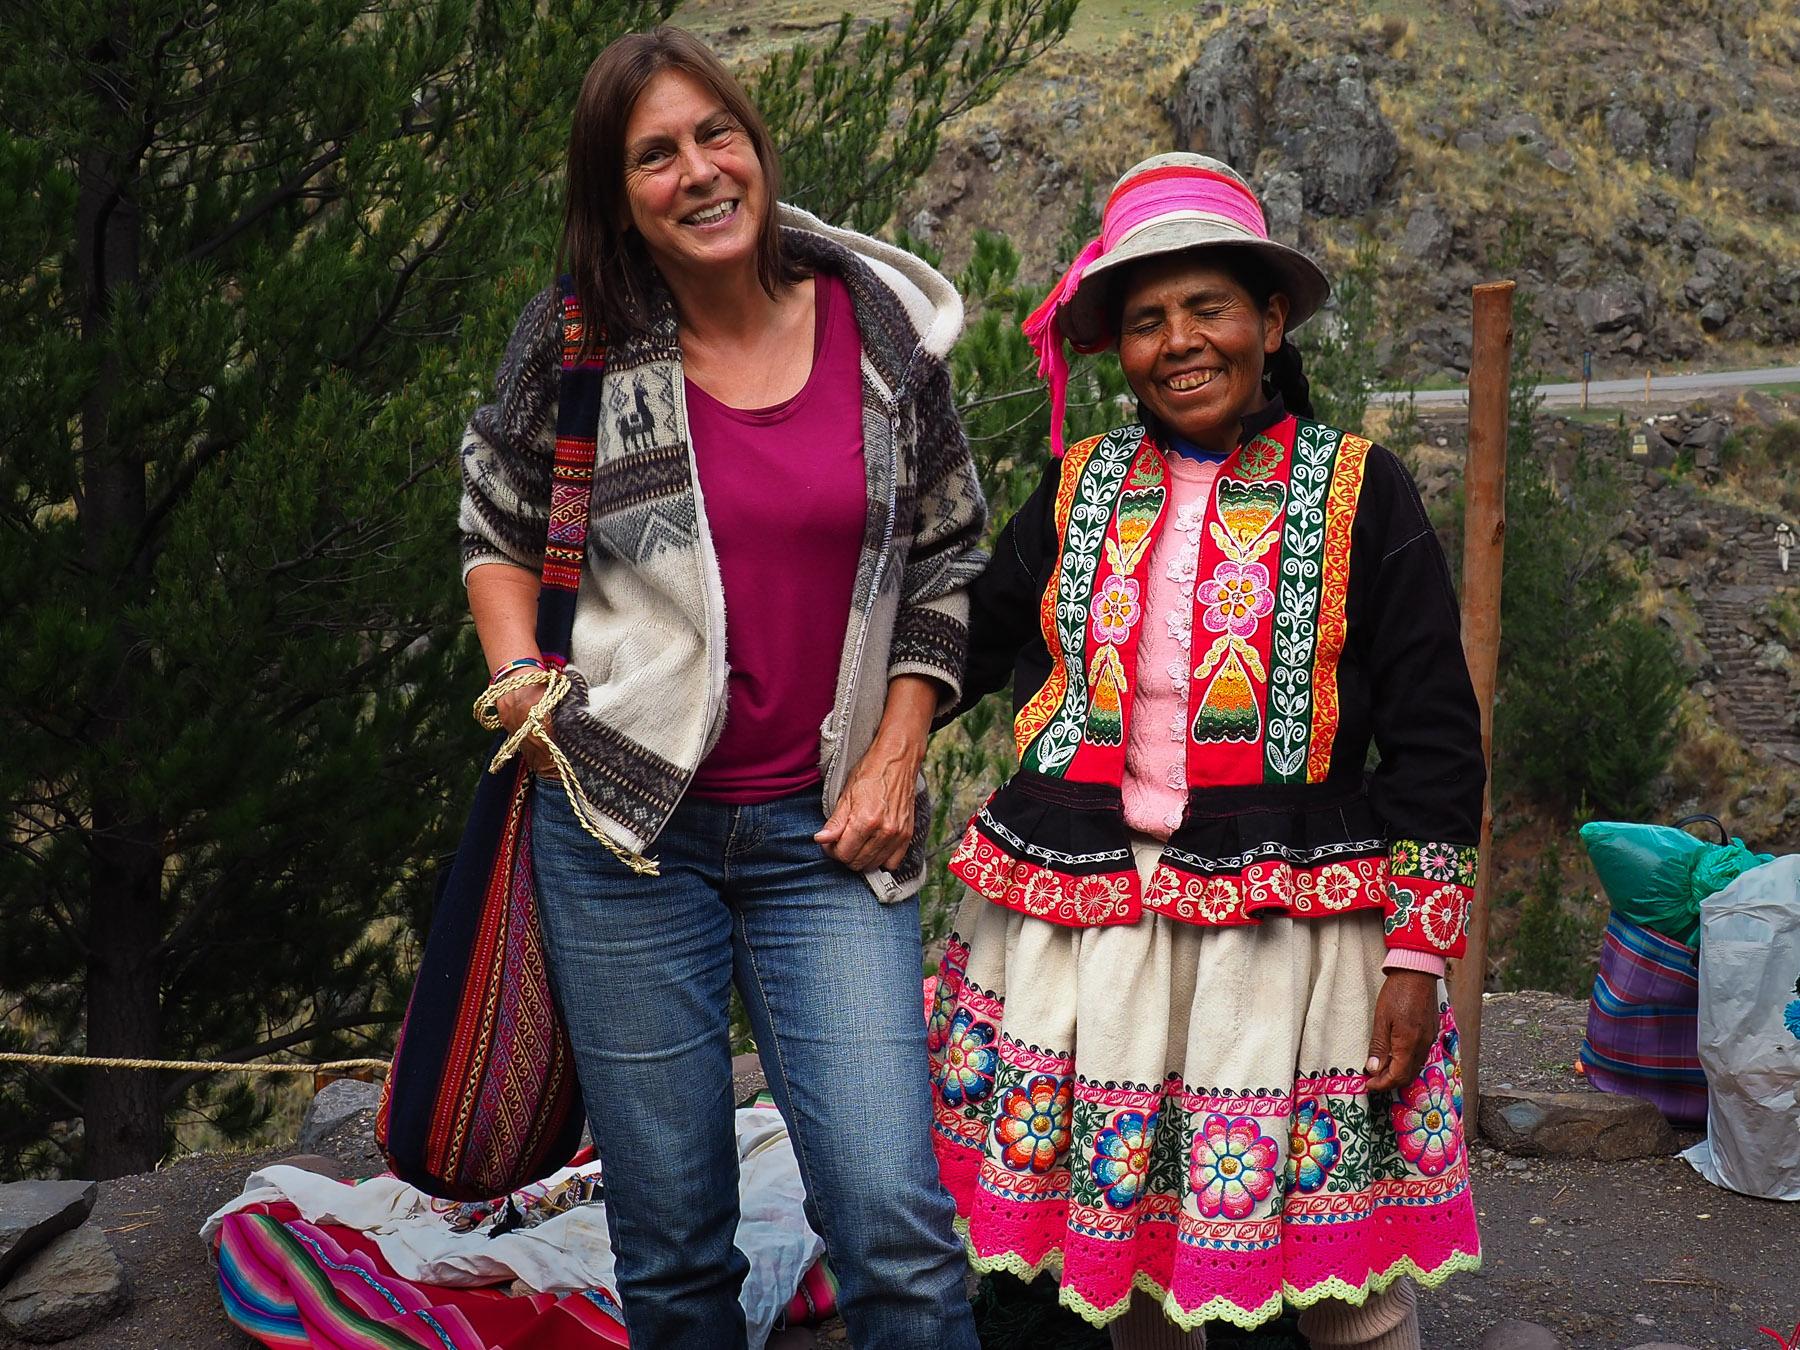 Die Indiofrau freut sich über die Bewunderung ihrer selbstgefertigten Tracht